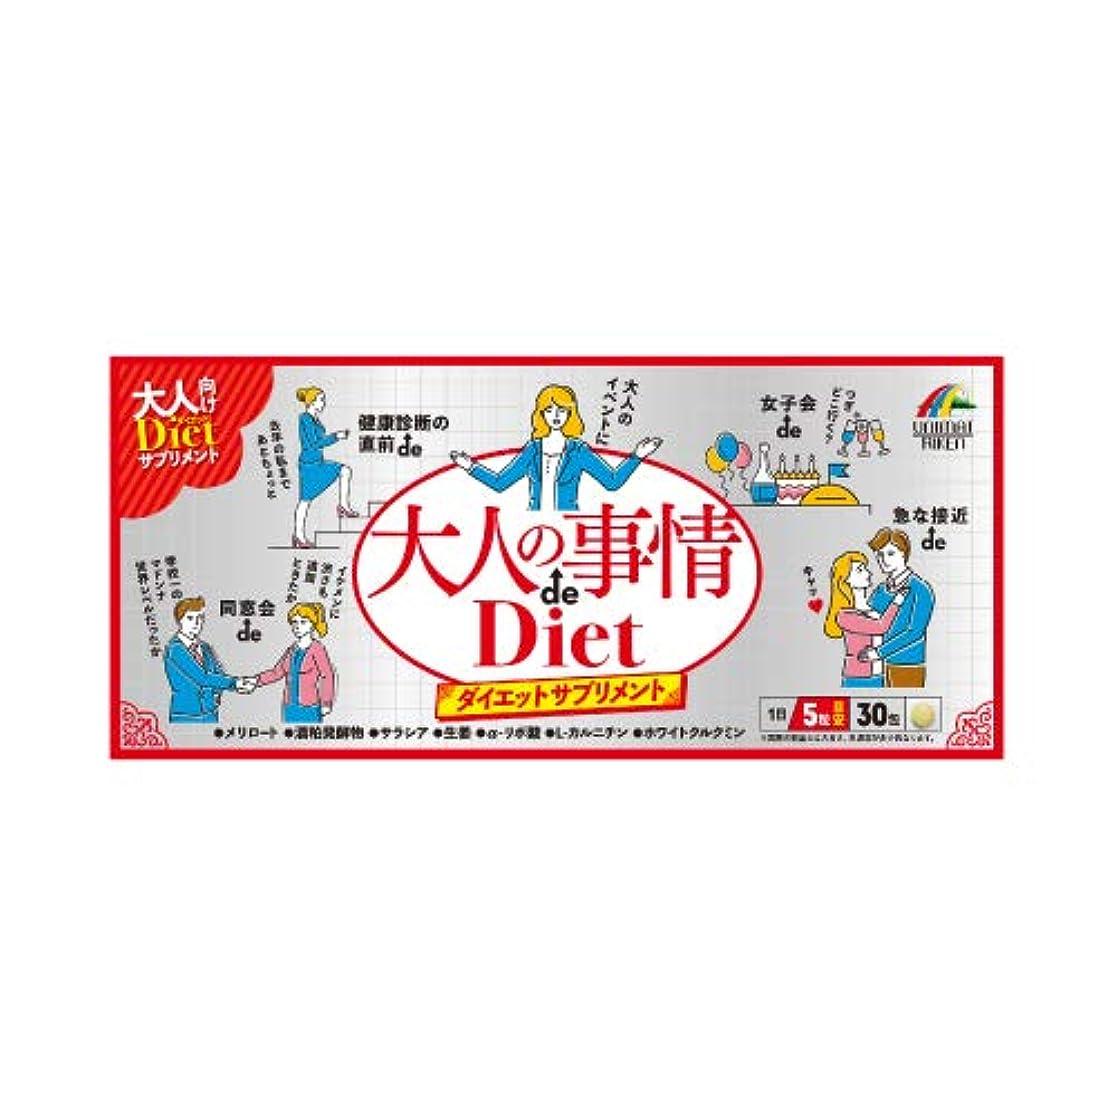 予感ストッキングタールユニマットリケン 大人の事情de Diet 5粒×30包